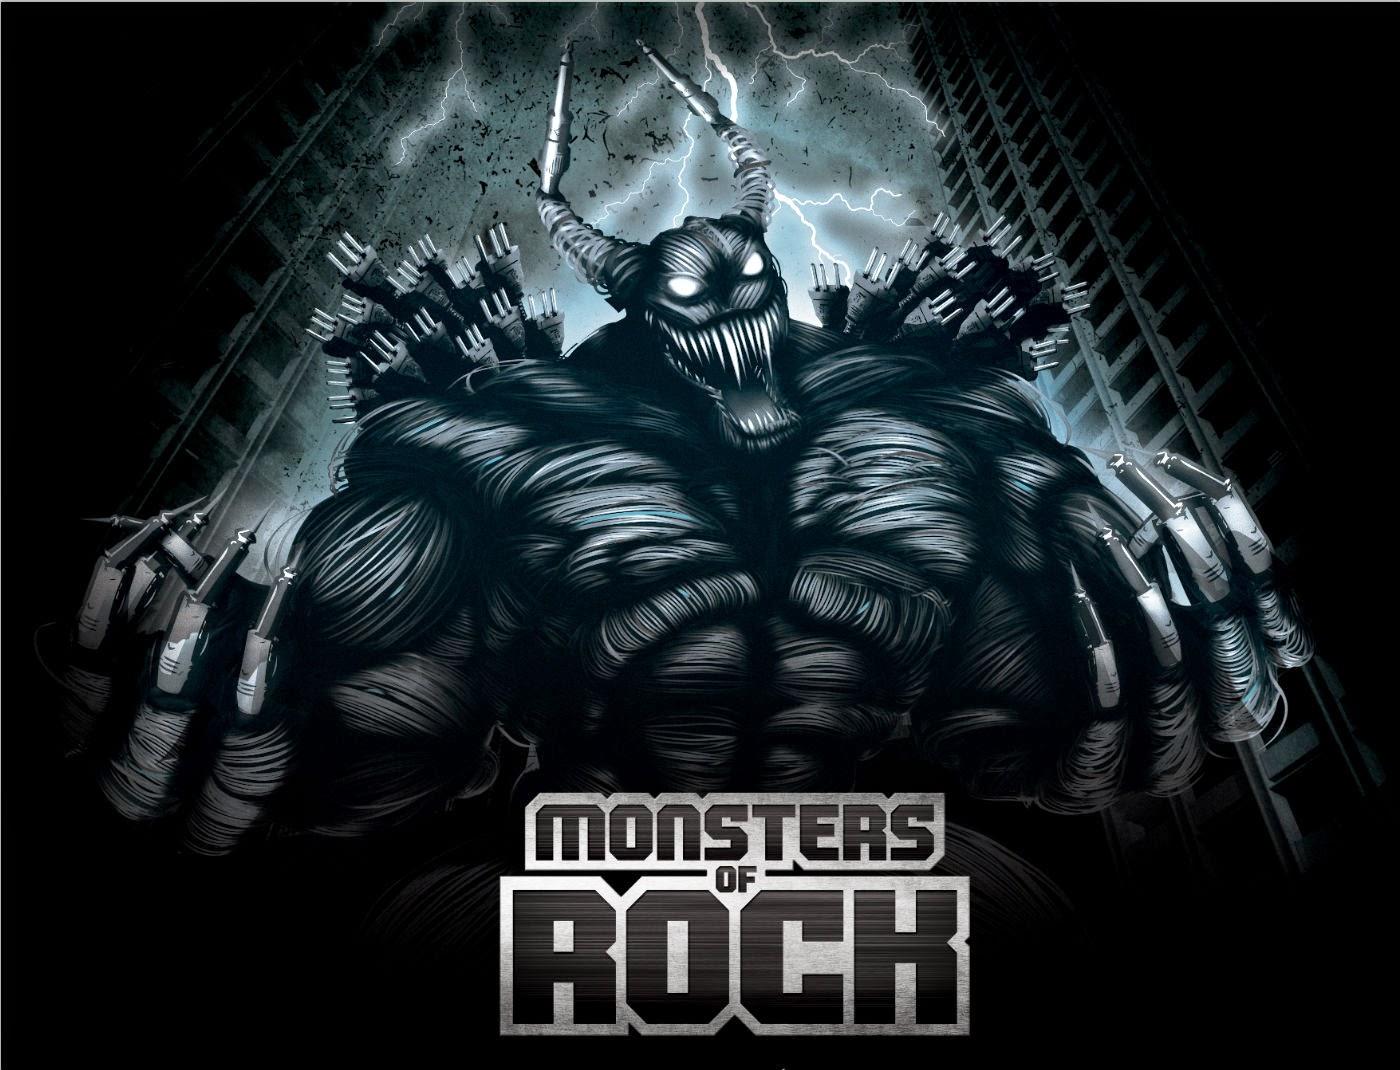 Festival trouxe nomes do new metal e do hard rock em 2013 (Divulgação)